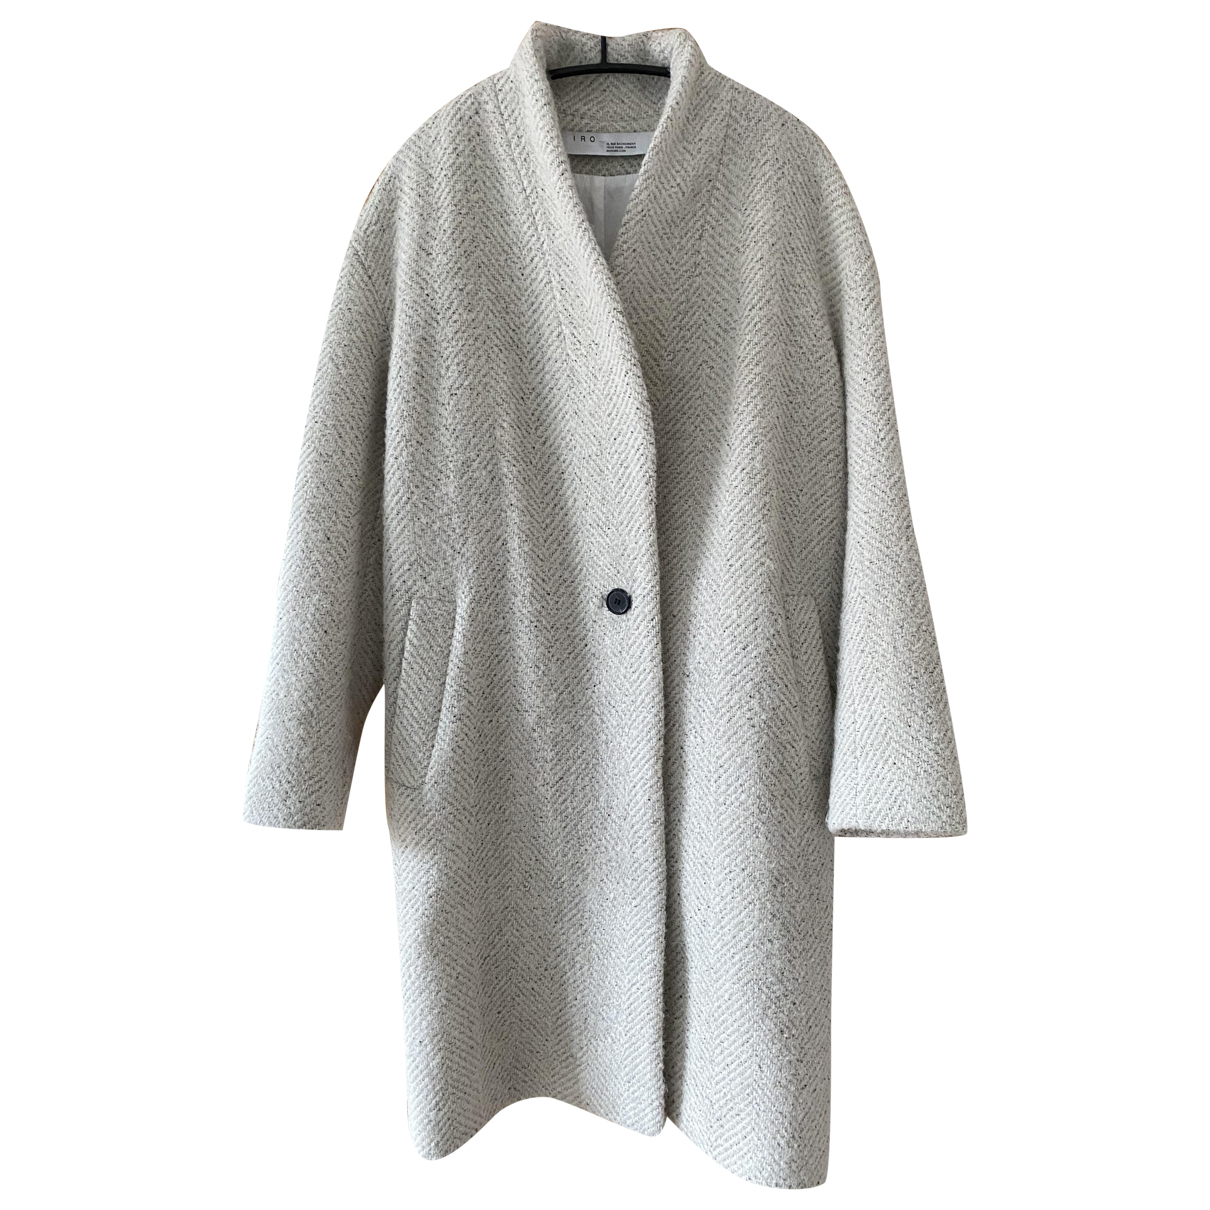 Iro - Manteau Fall Winter 2019 pour femme en laine - gris